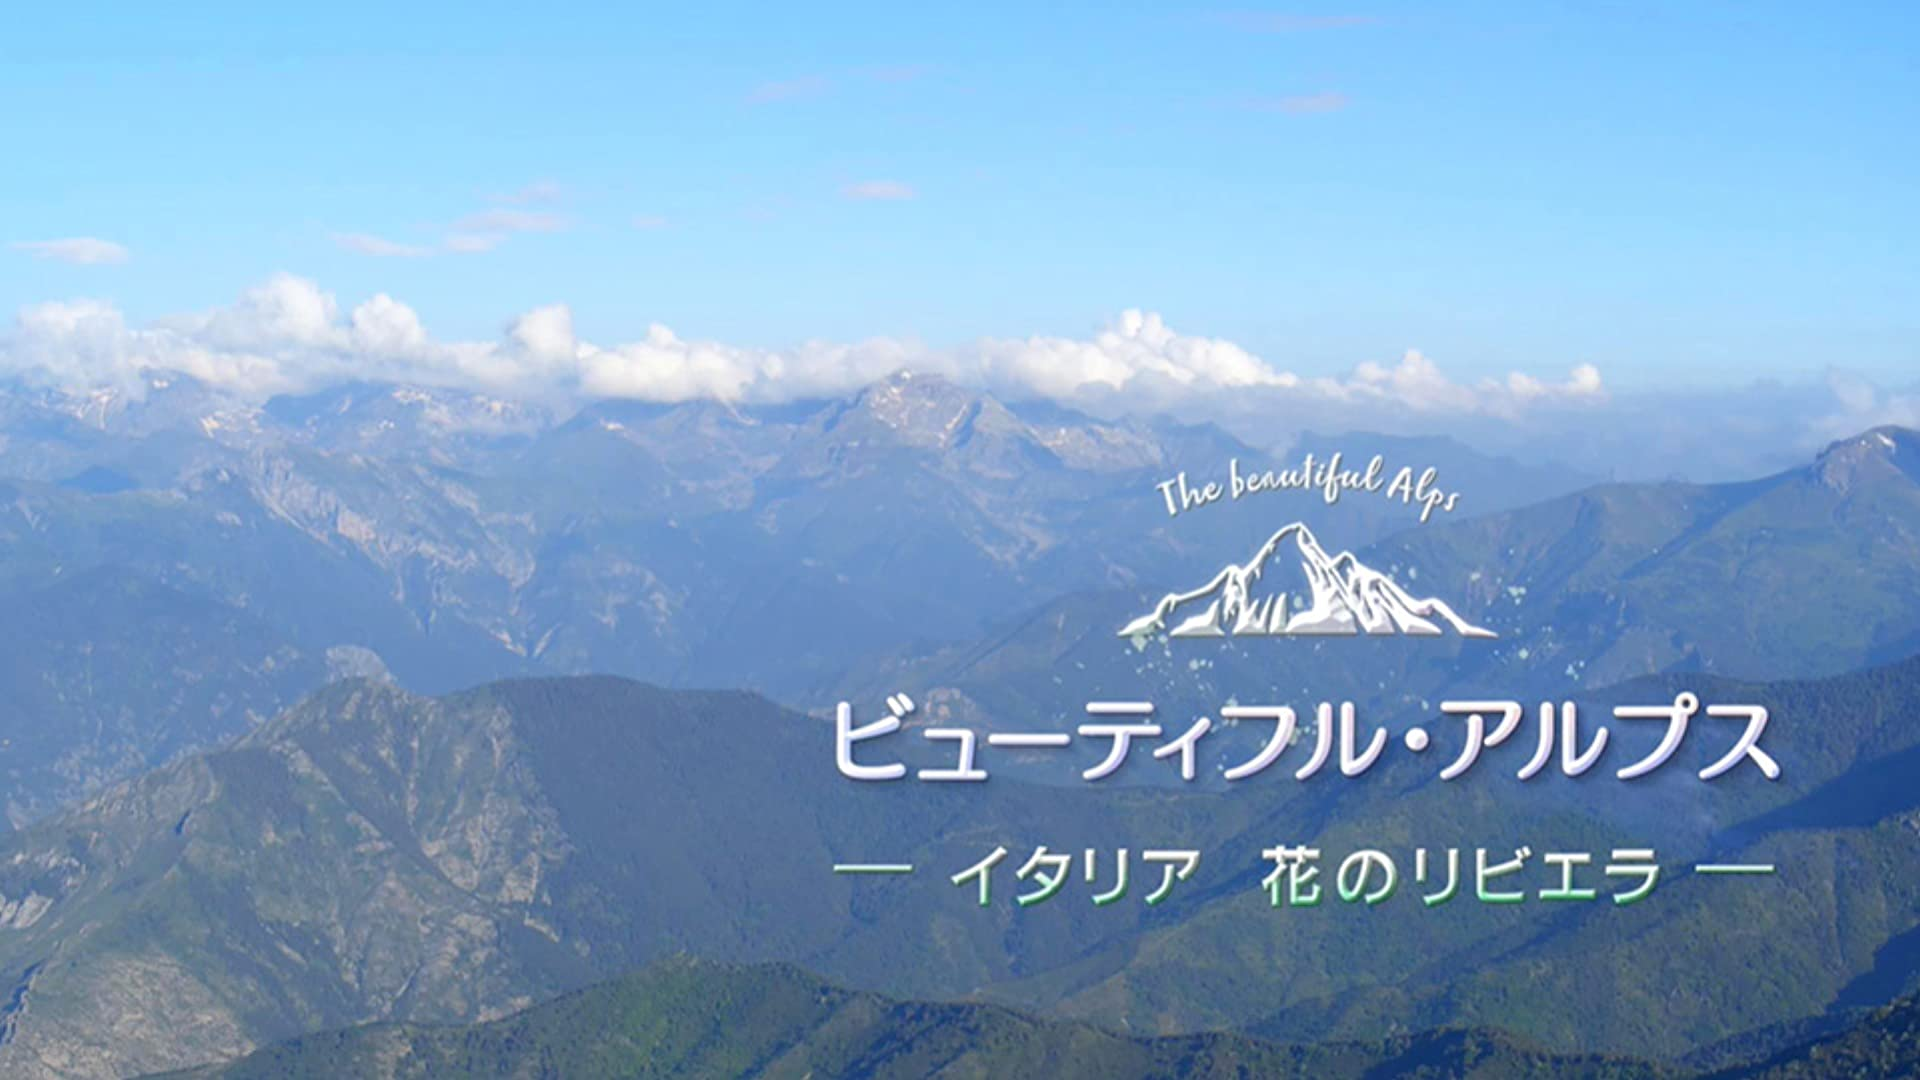 ビューティフル・アルプス(NHKオンデマンド)